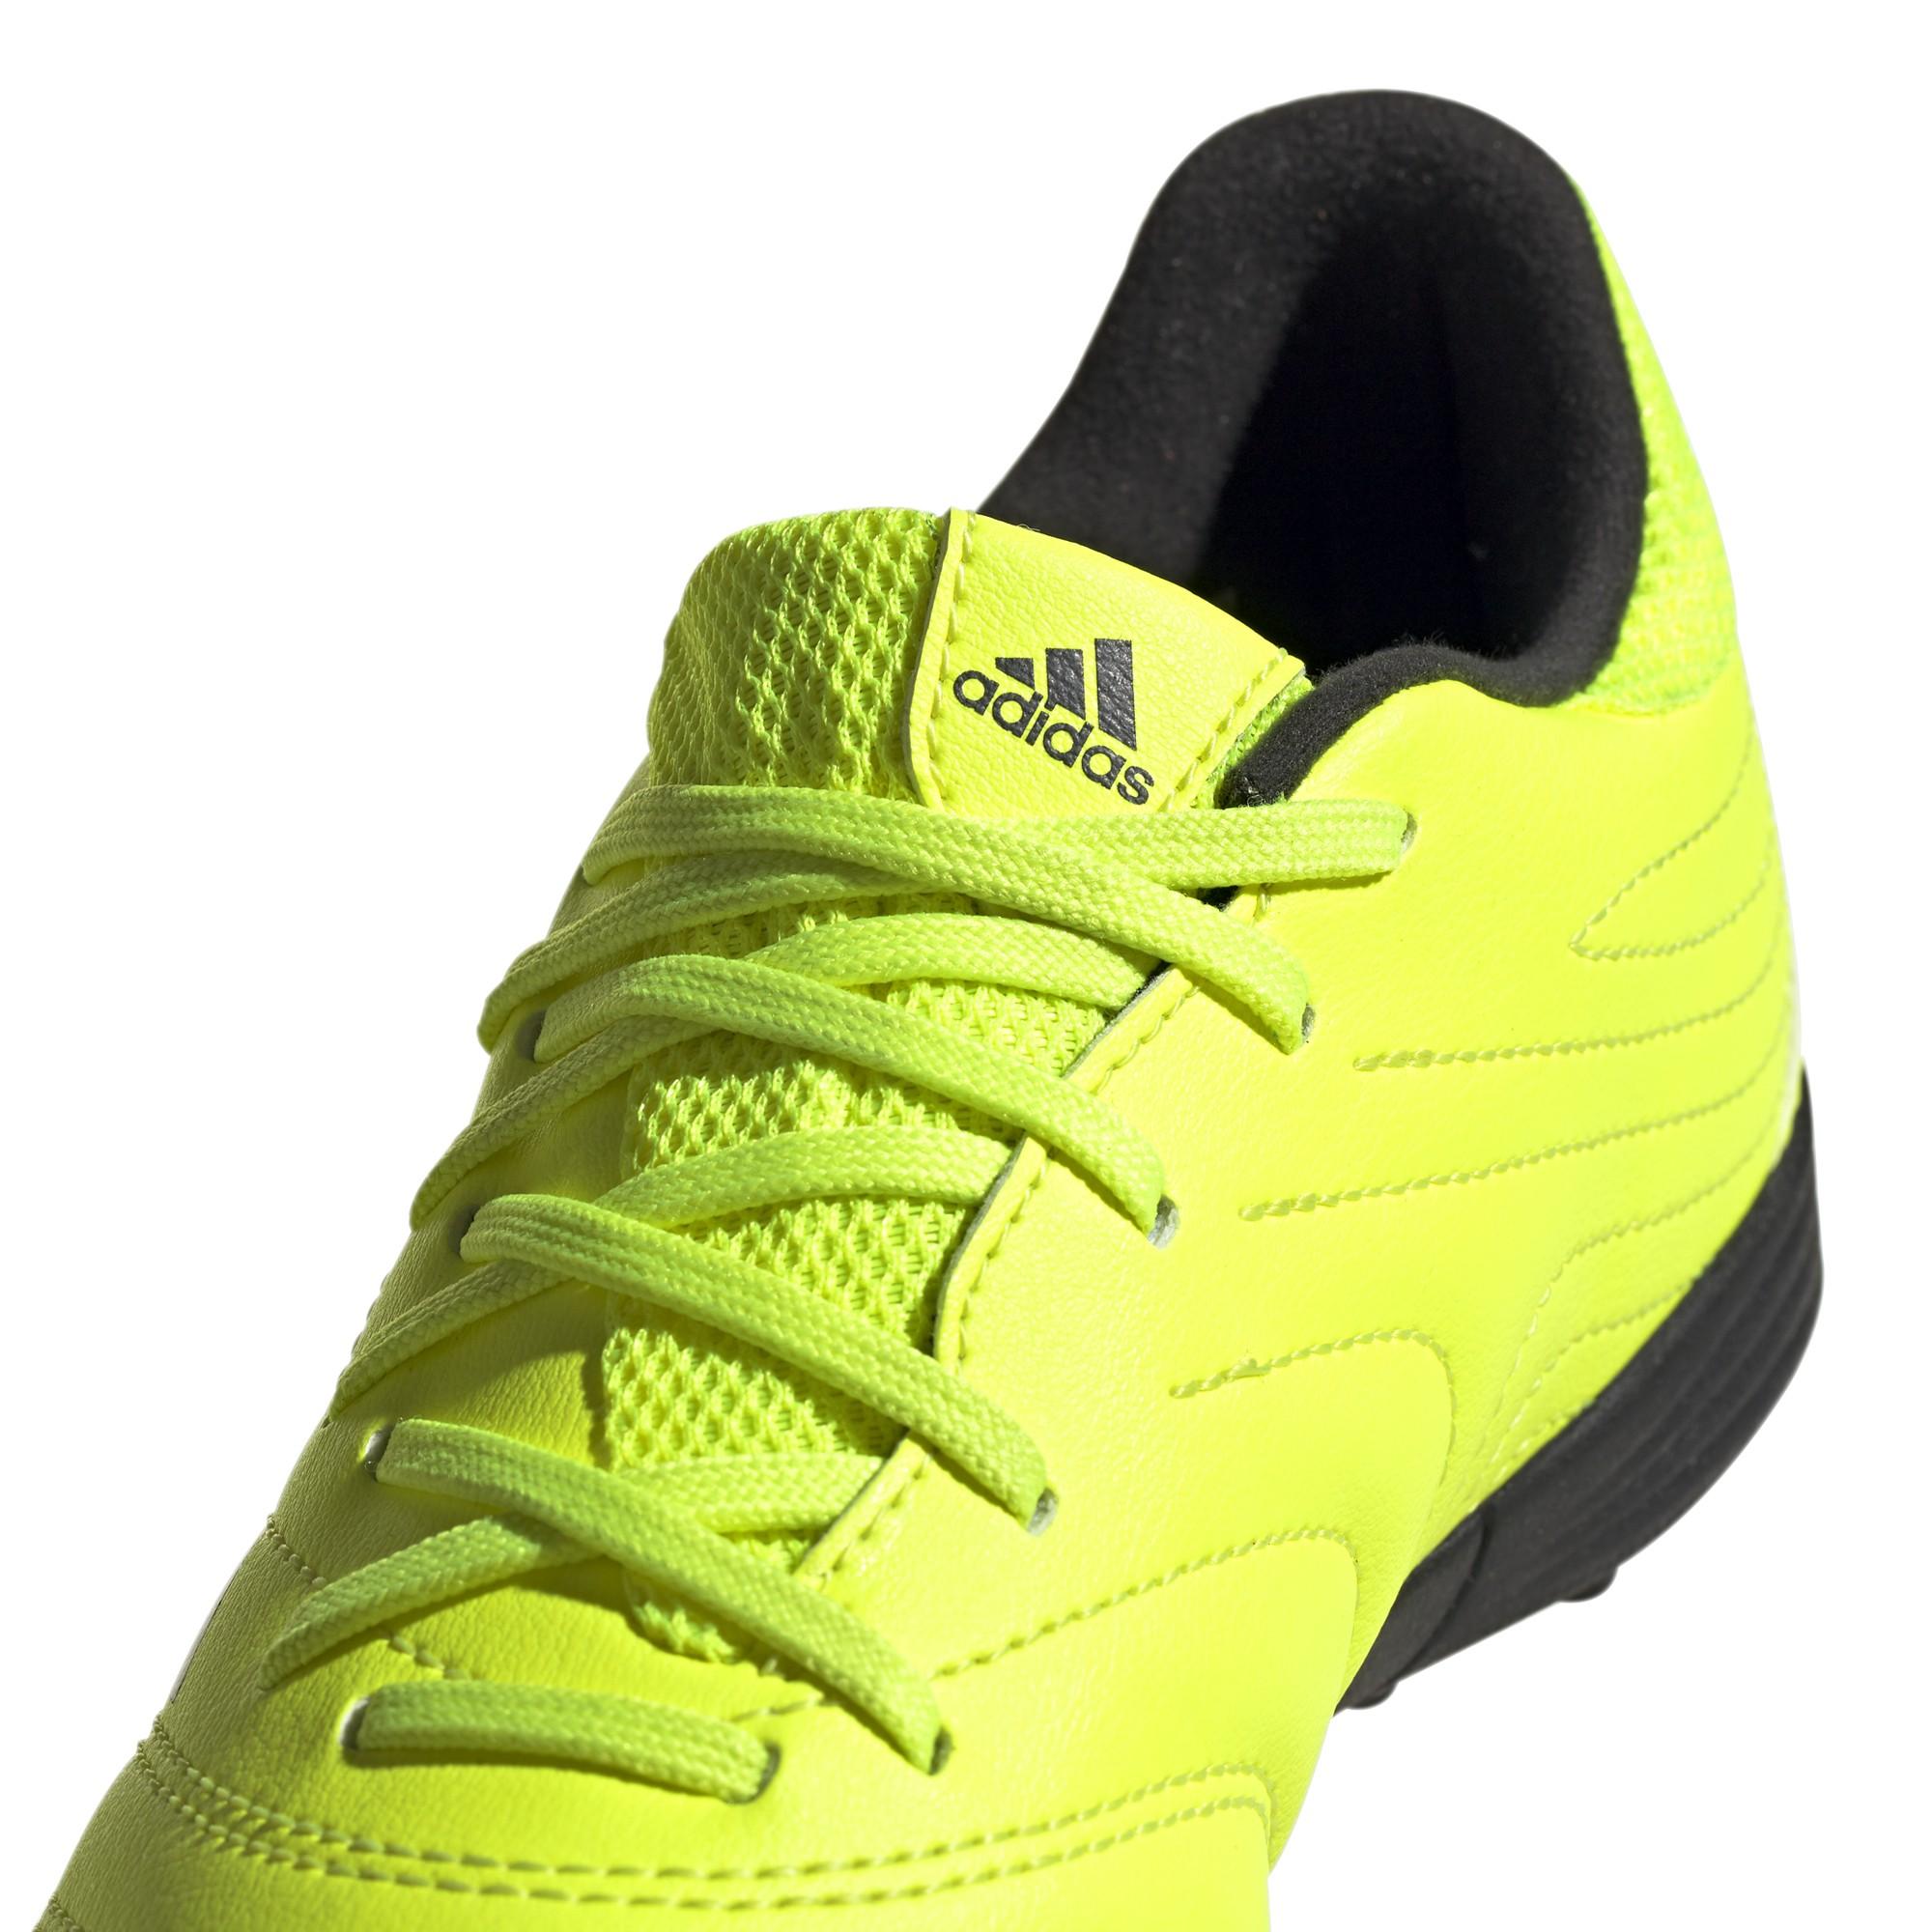 calcio ADIDAS scarpe da calcio copa 19.3 tf giallo nero bambino f35